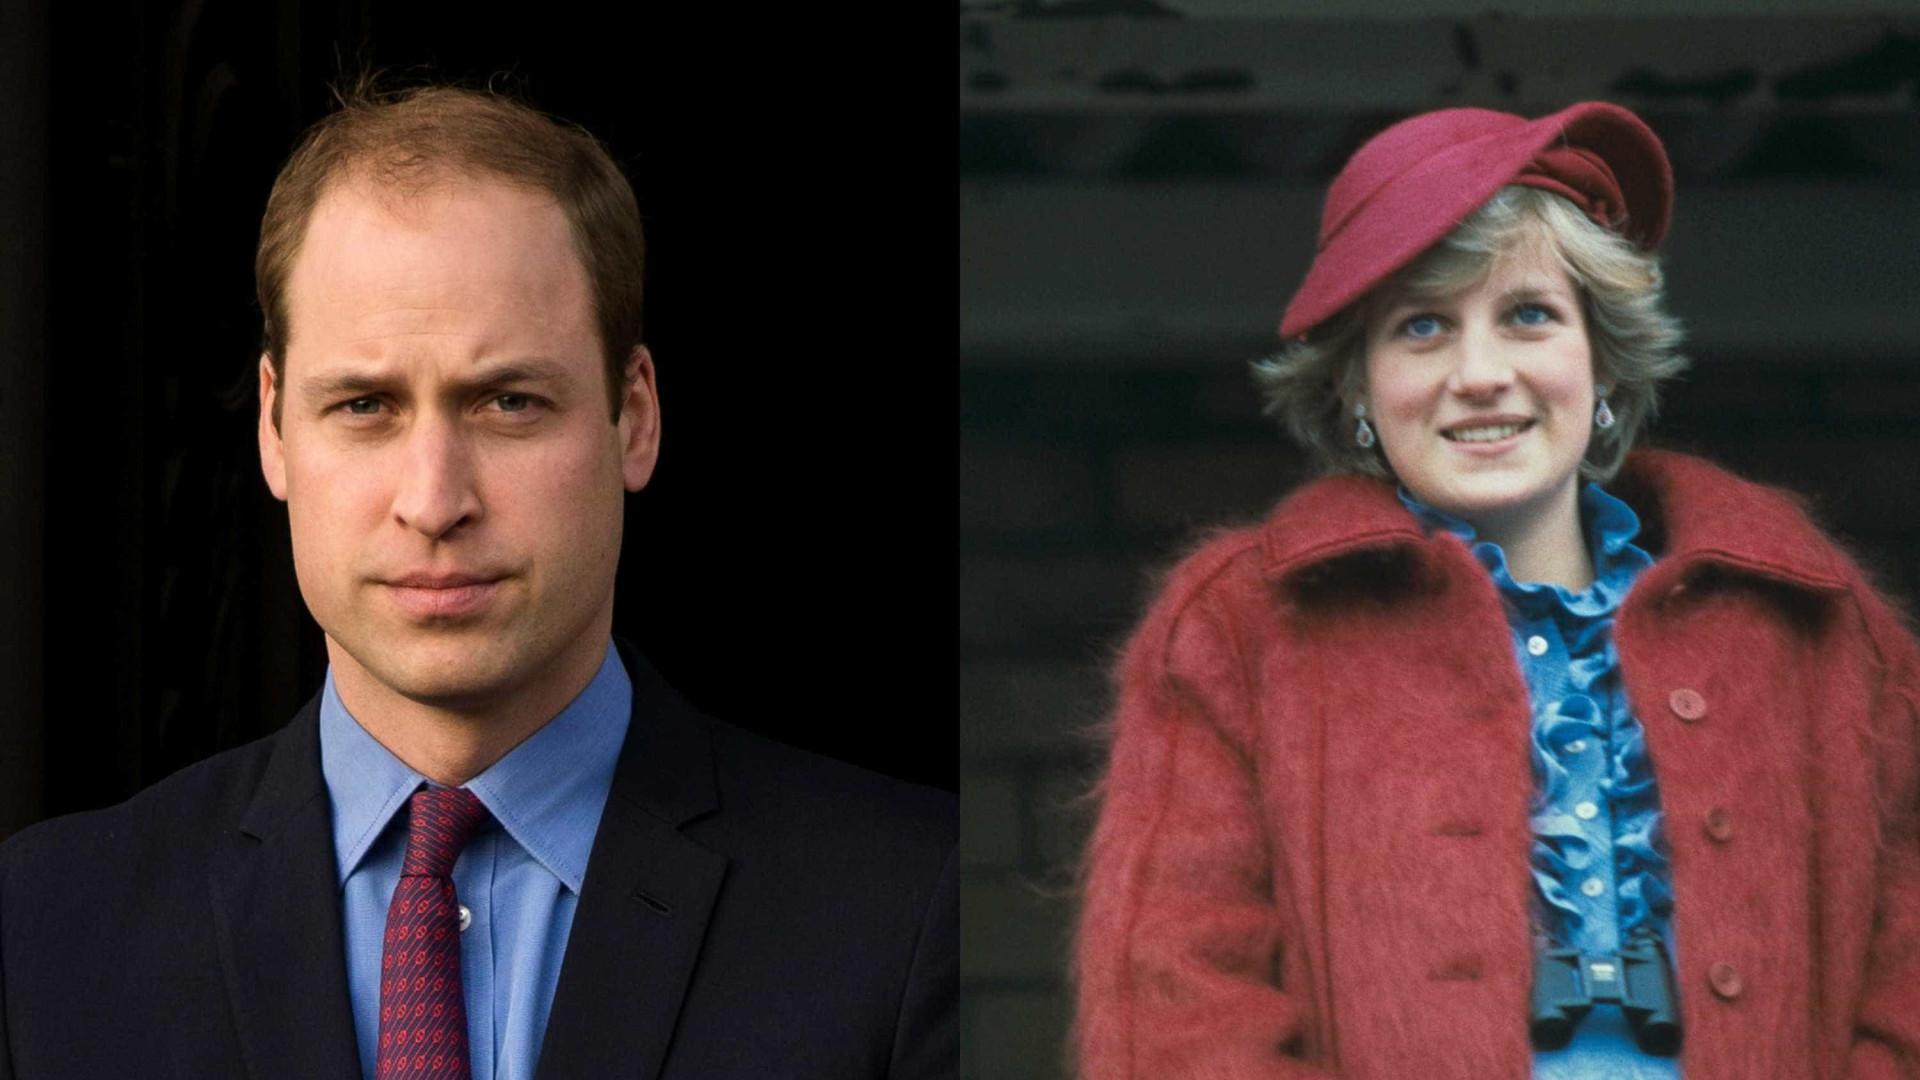 William fala da bulimia da princesa Diana pela primeira vez